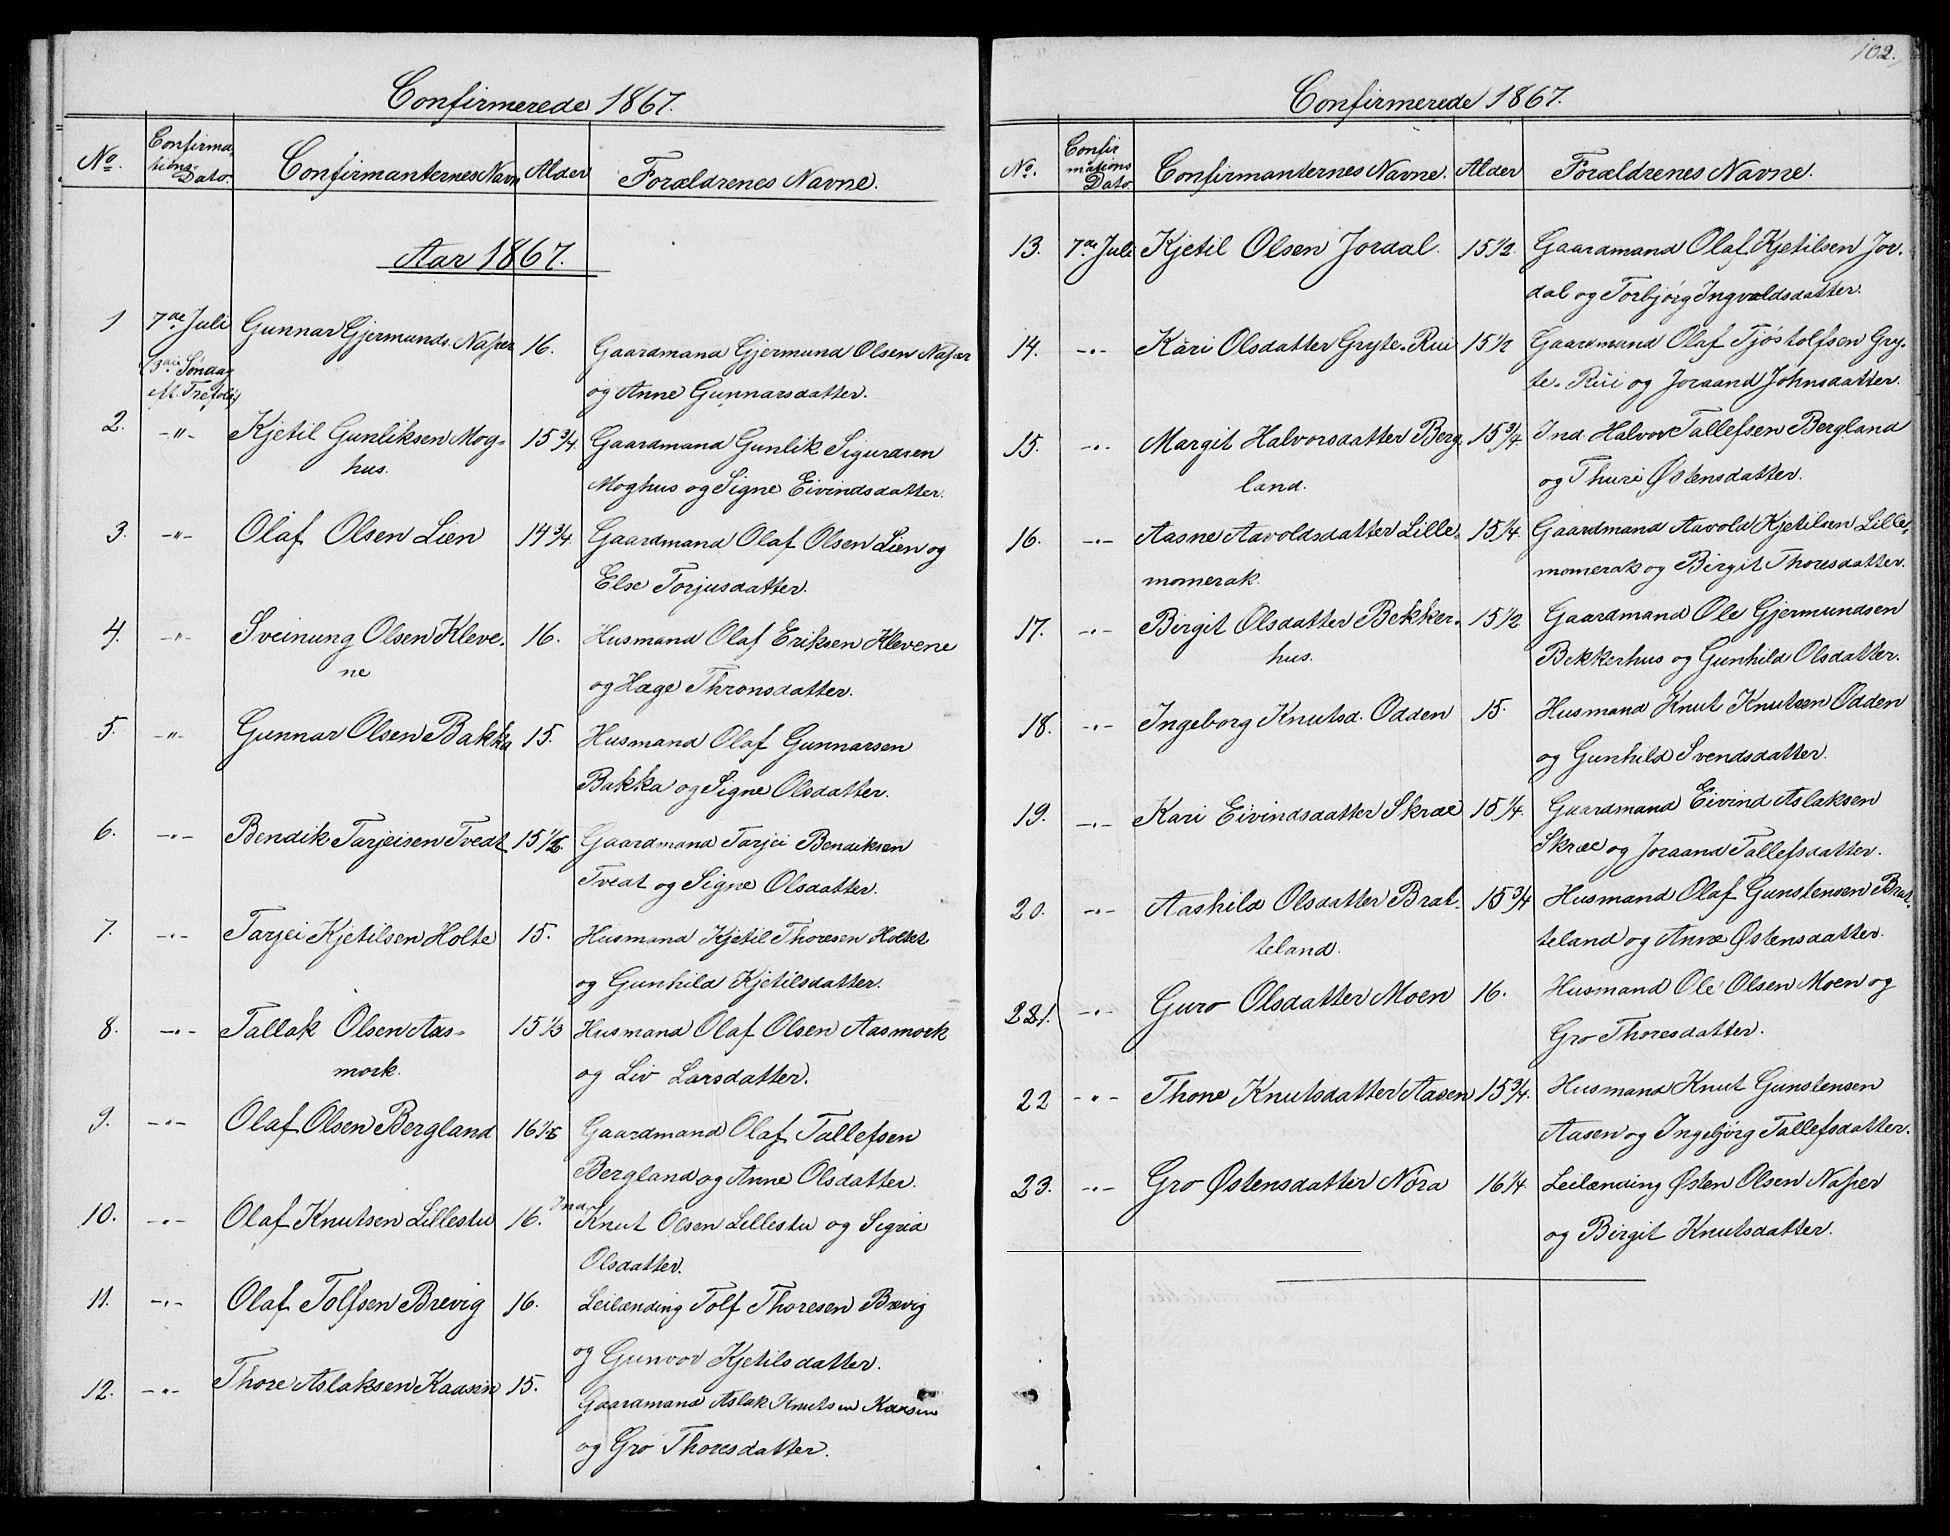 SAKO, Fyresdal kirkebøker, G/Ga/L0004: Klokkerbok nr. I 4, 1864-1892, s. 102